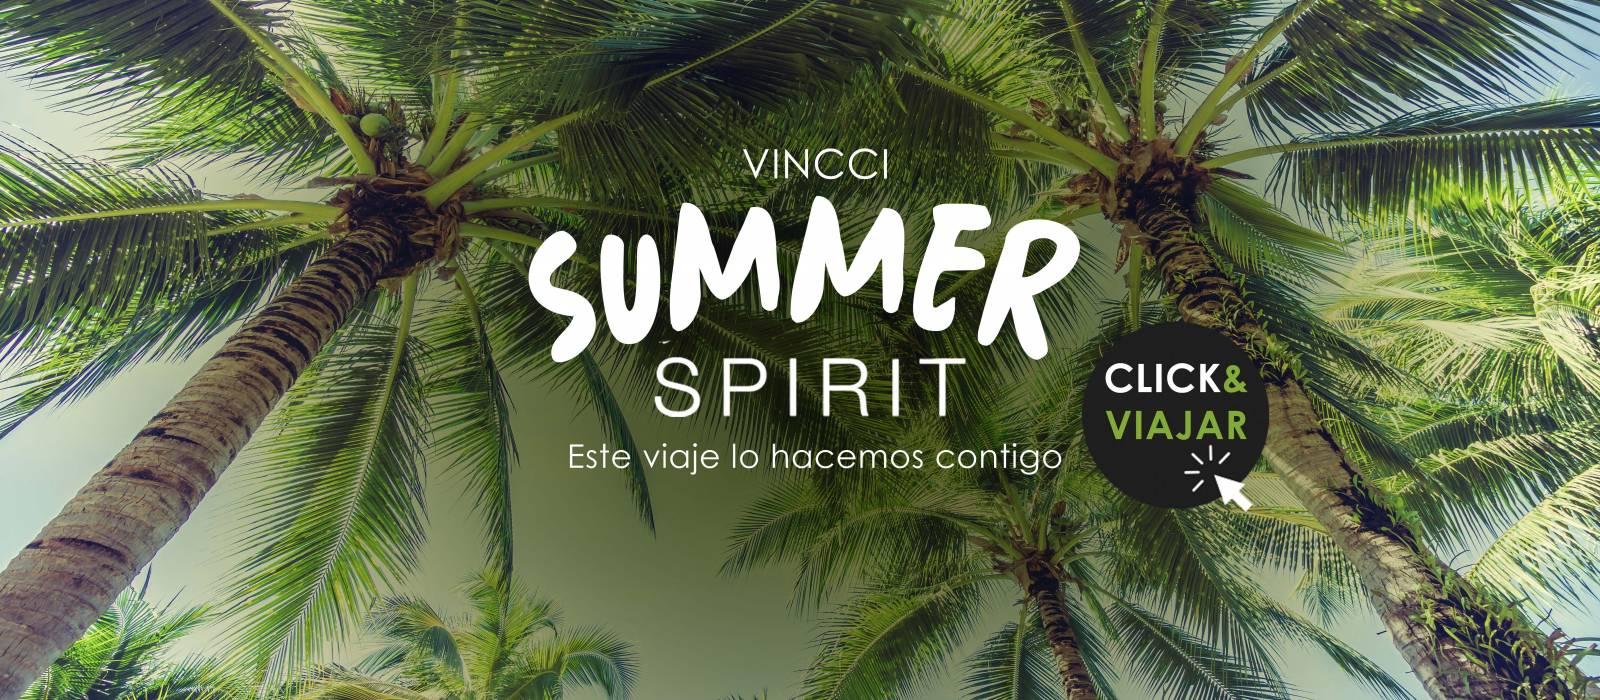 SUMMER 2021 ES